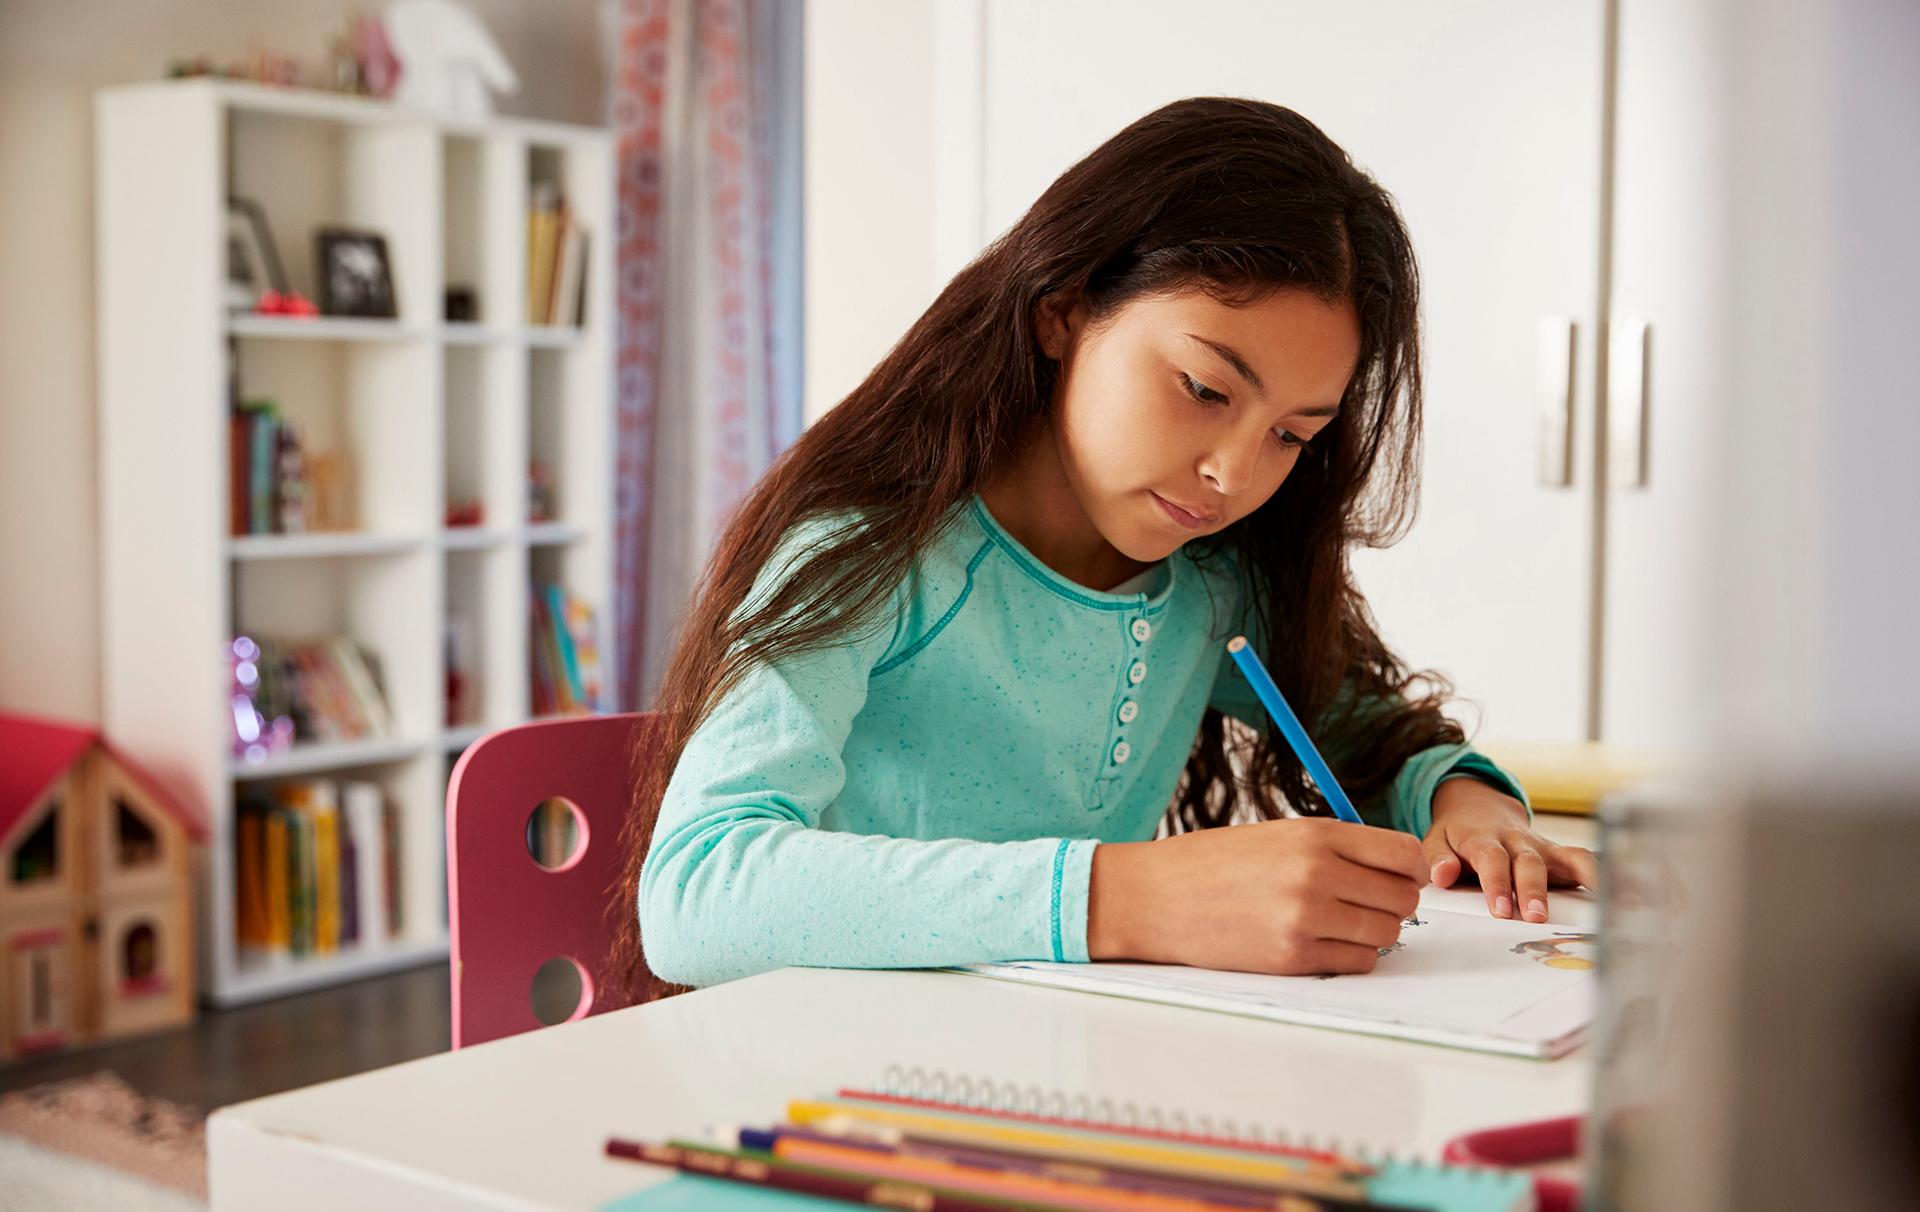 Should schools ban homework?